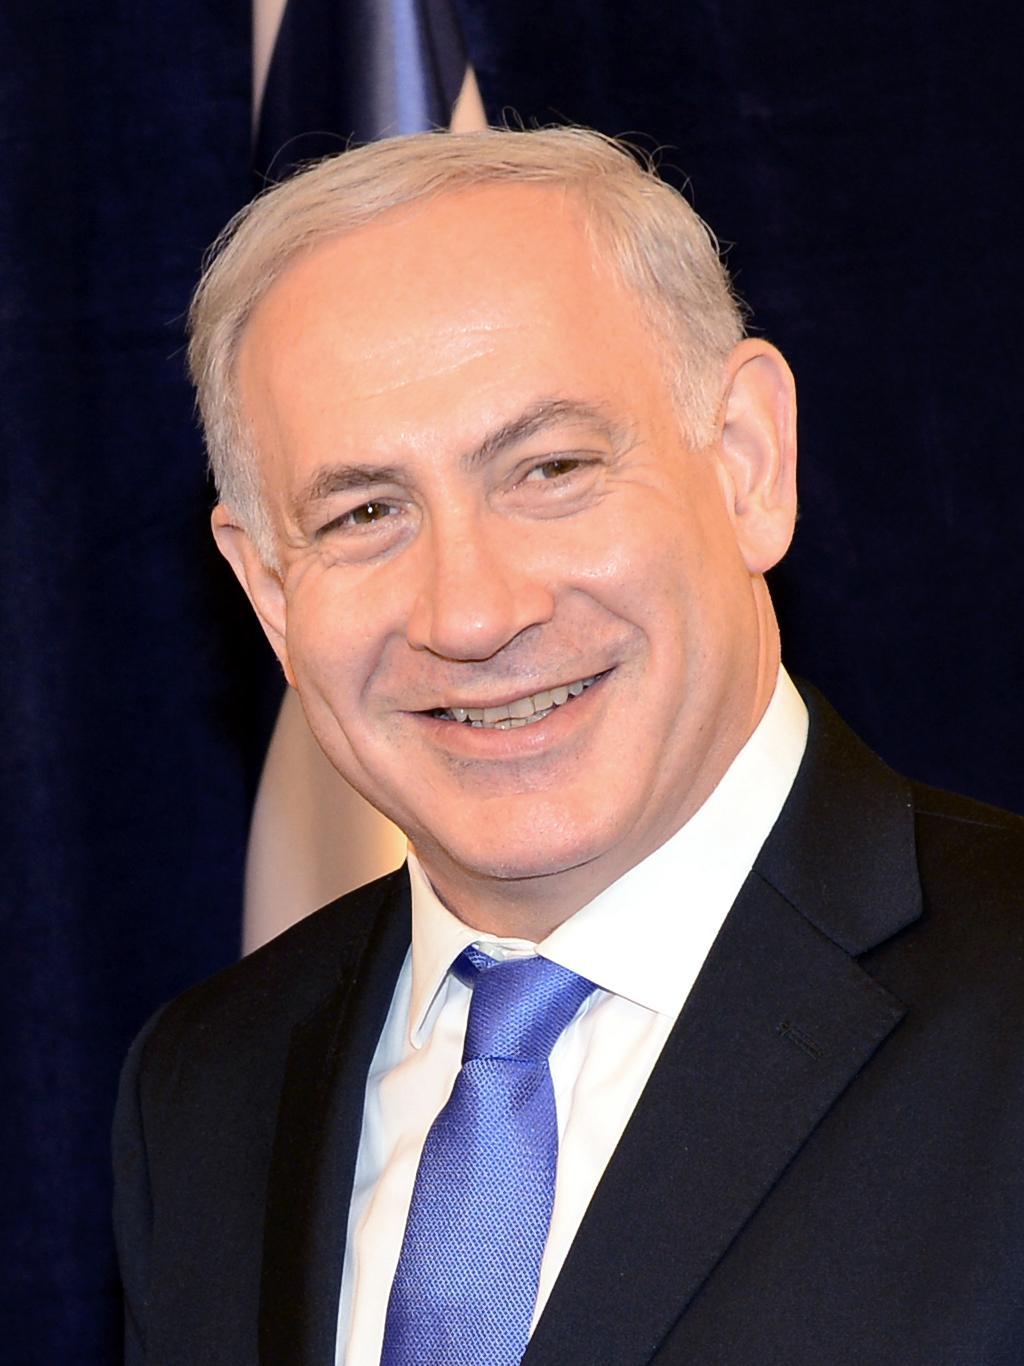 Benjamin Netanyahu. Bildet er hentet fra WikiMediaCommons